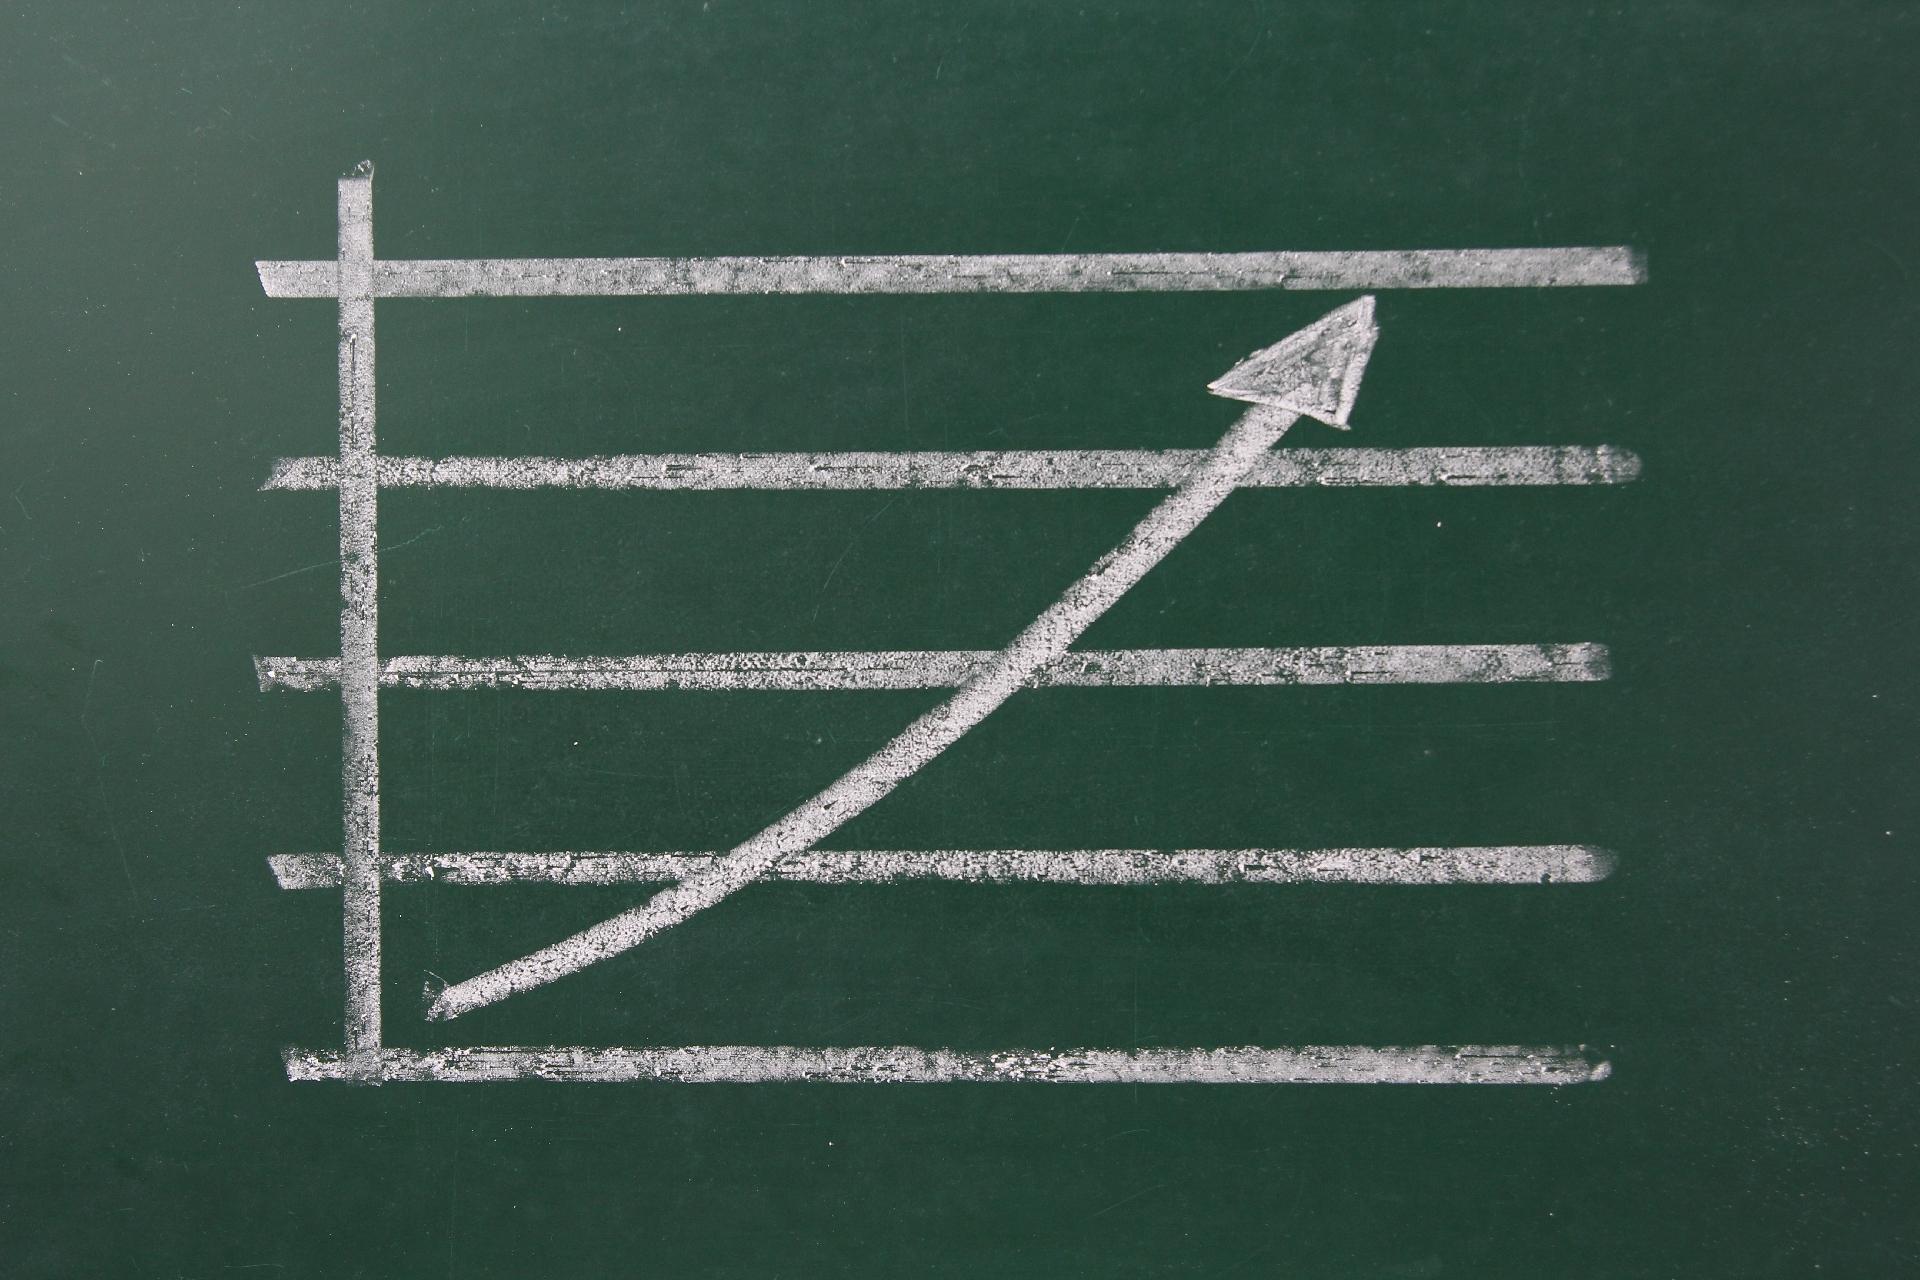 大手アパレルメーカーを抱えるTSIホールディングス 中間期のEC売上高17%増